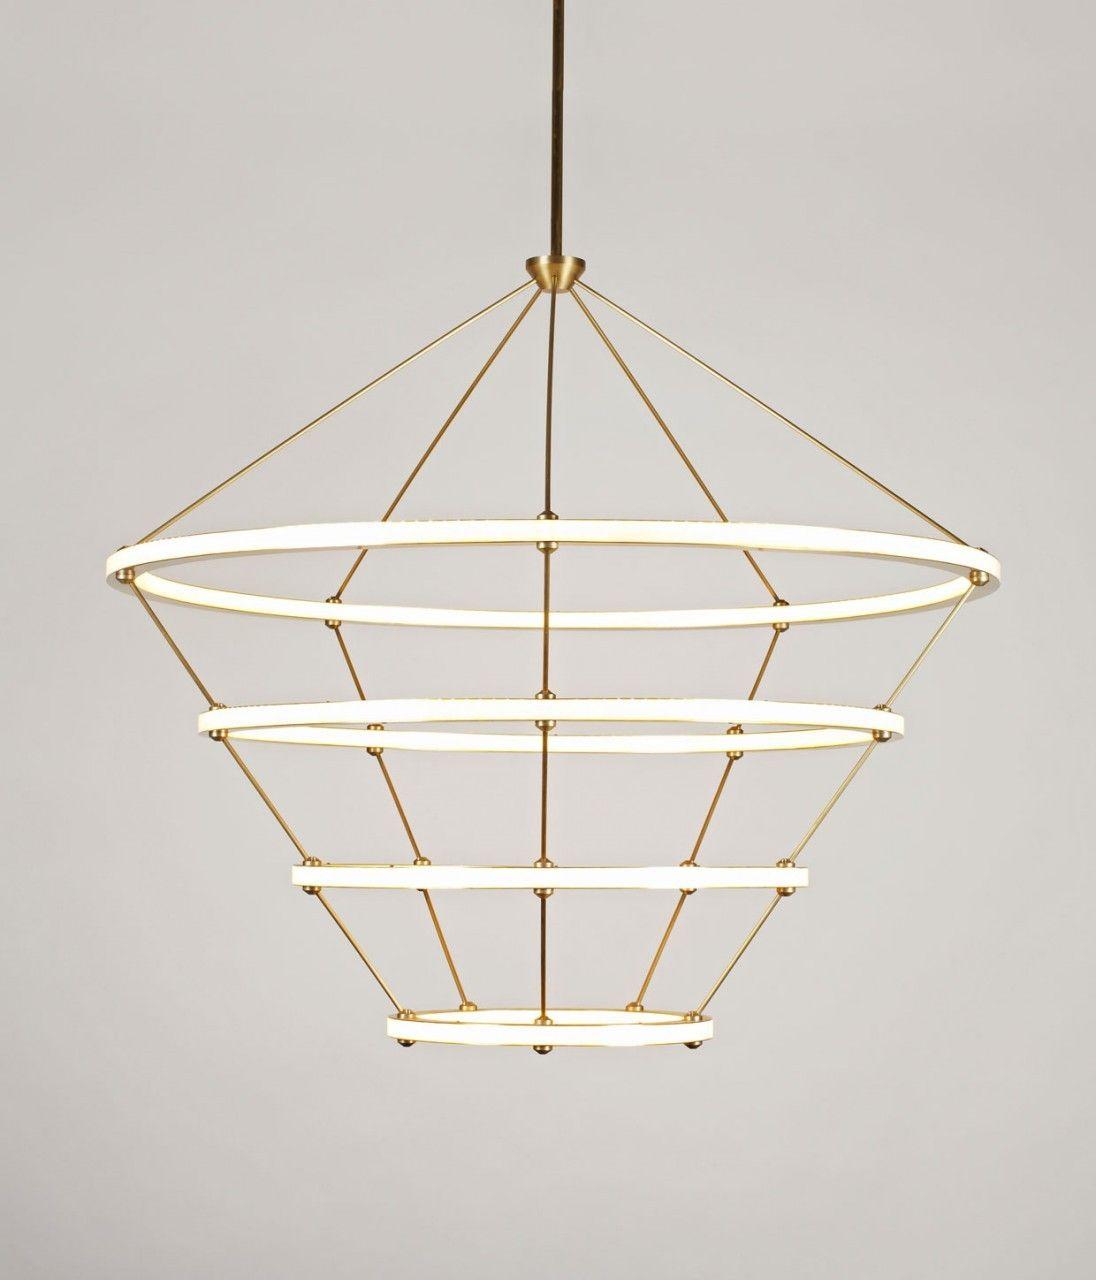 Halo chandelier roll hill licht pinterest - Kronleuchter stehlampe ...